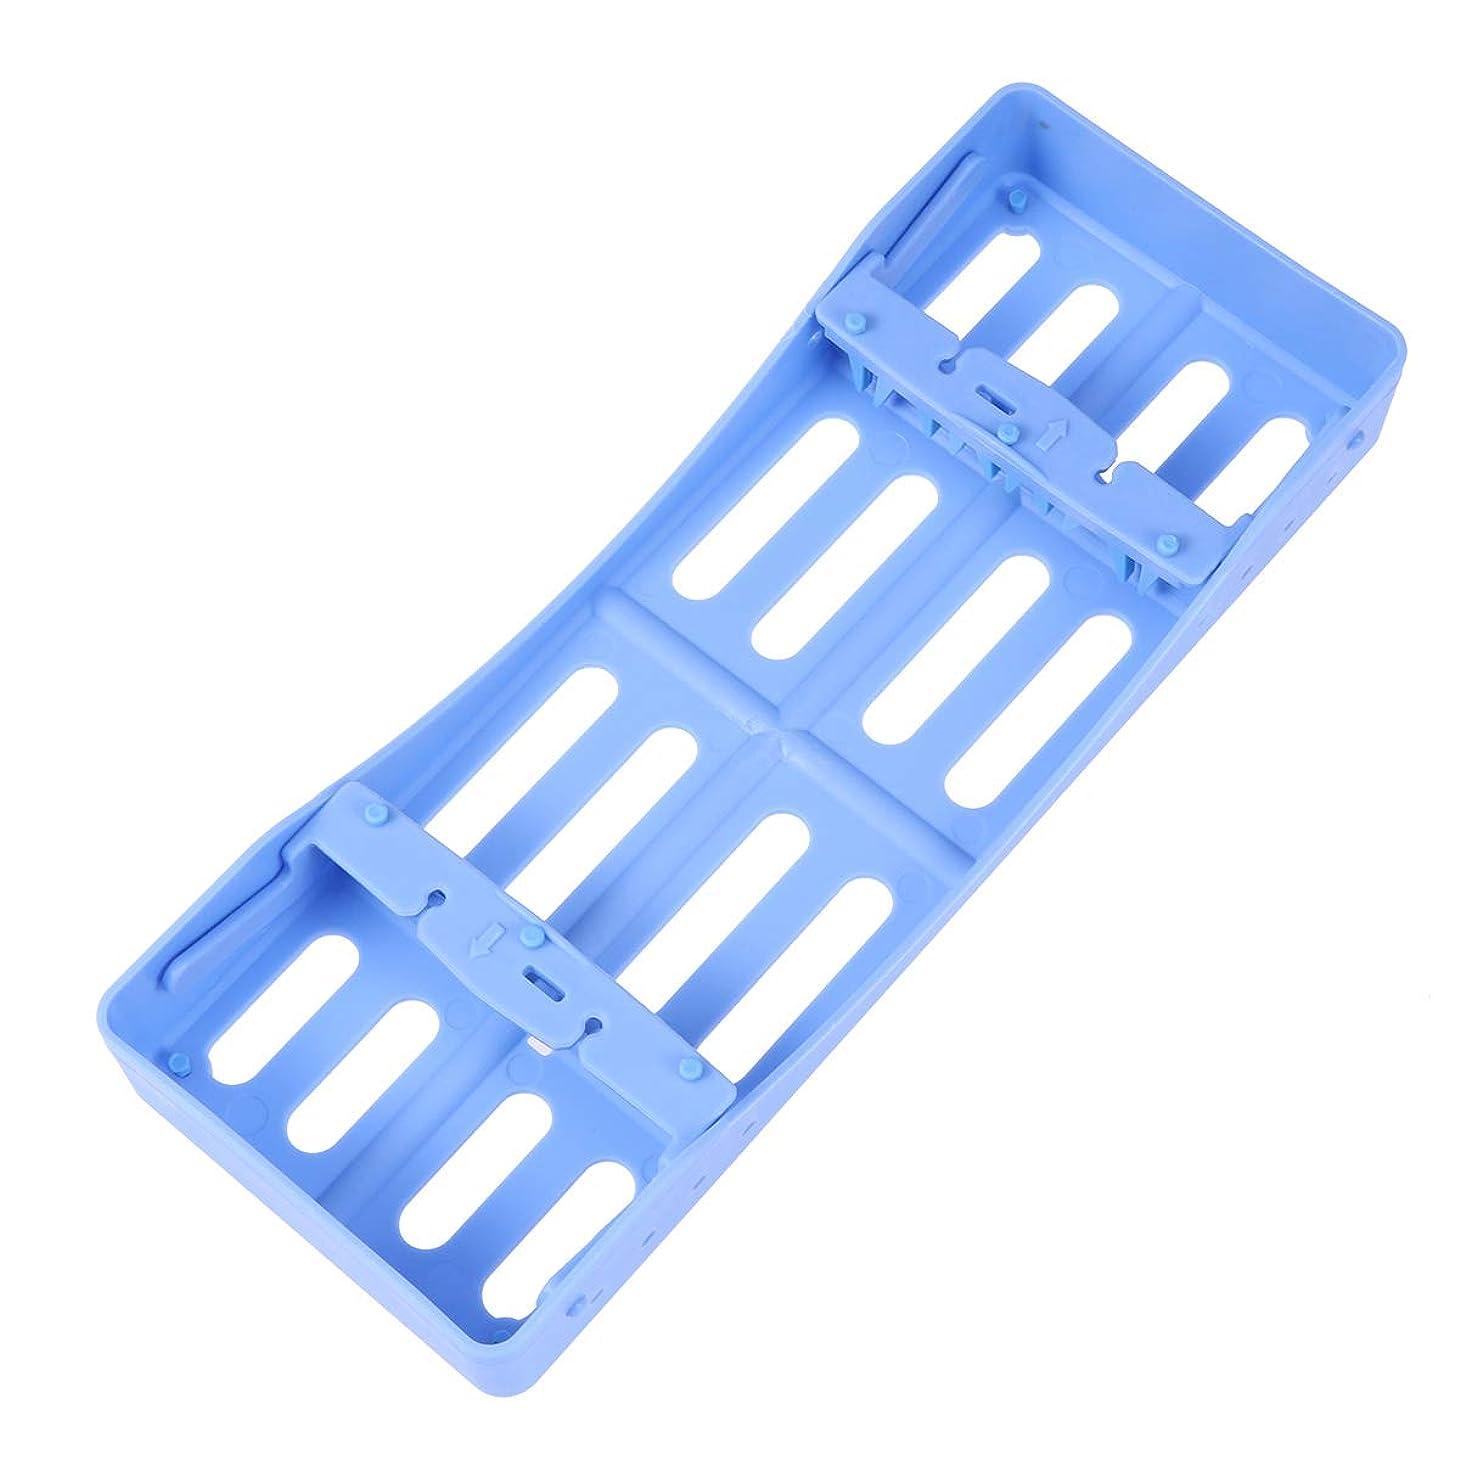 ルート王子中央値HEALLILY 1ピースプラスチック製歯科用カセット歯科用器具カセット歯科用トレイ(青)